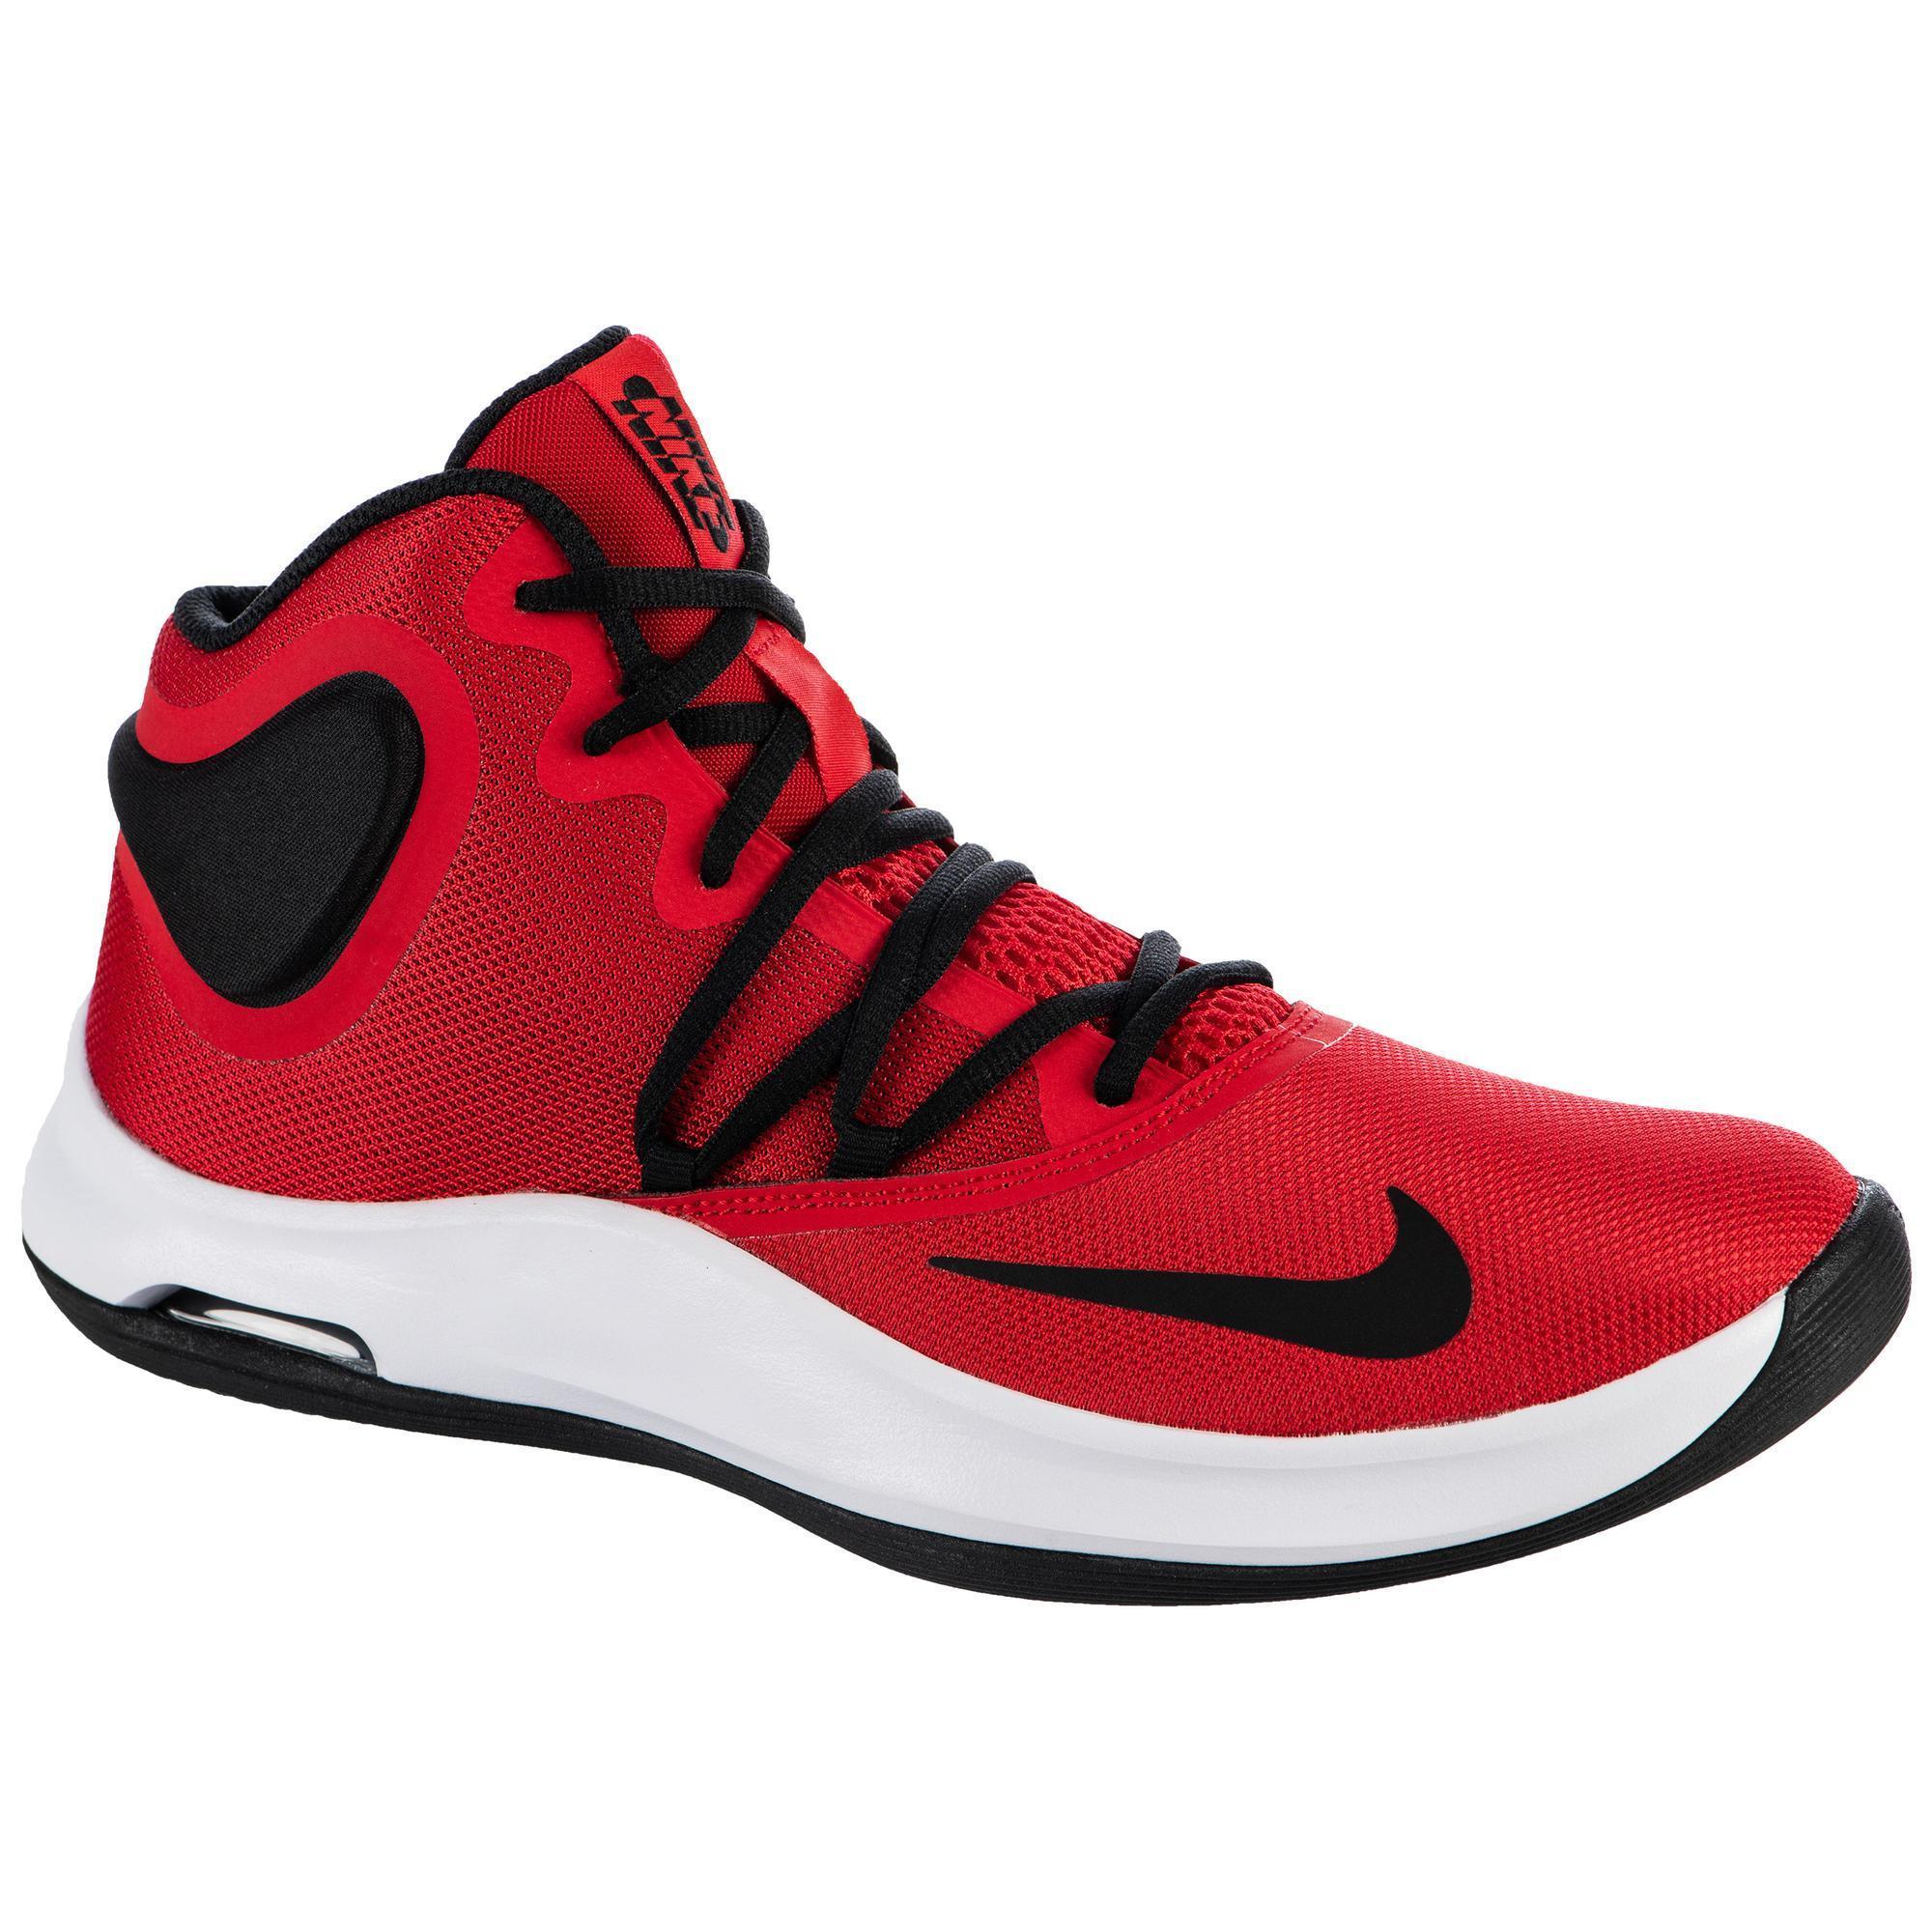 chaussures de séparation 66811 1aca5 Chaussure de basketball NIKE AIR NIKE AIR VERSITILE 4 rouge pour homme  confirmé